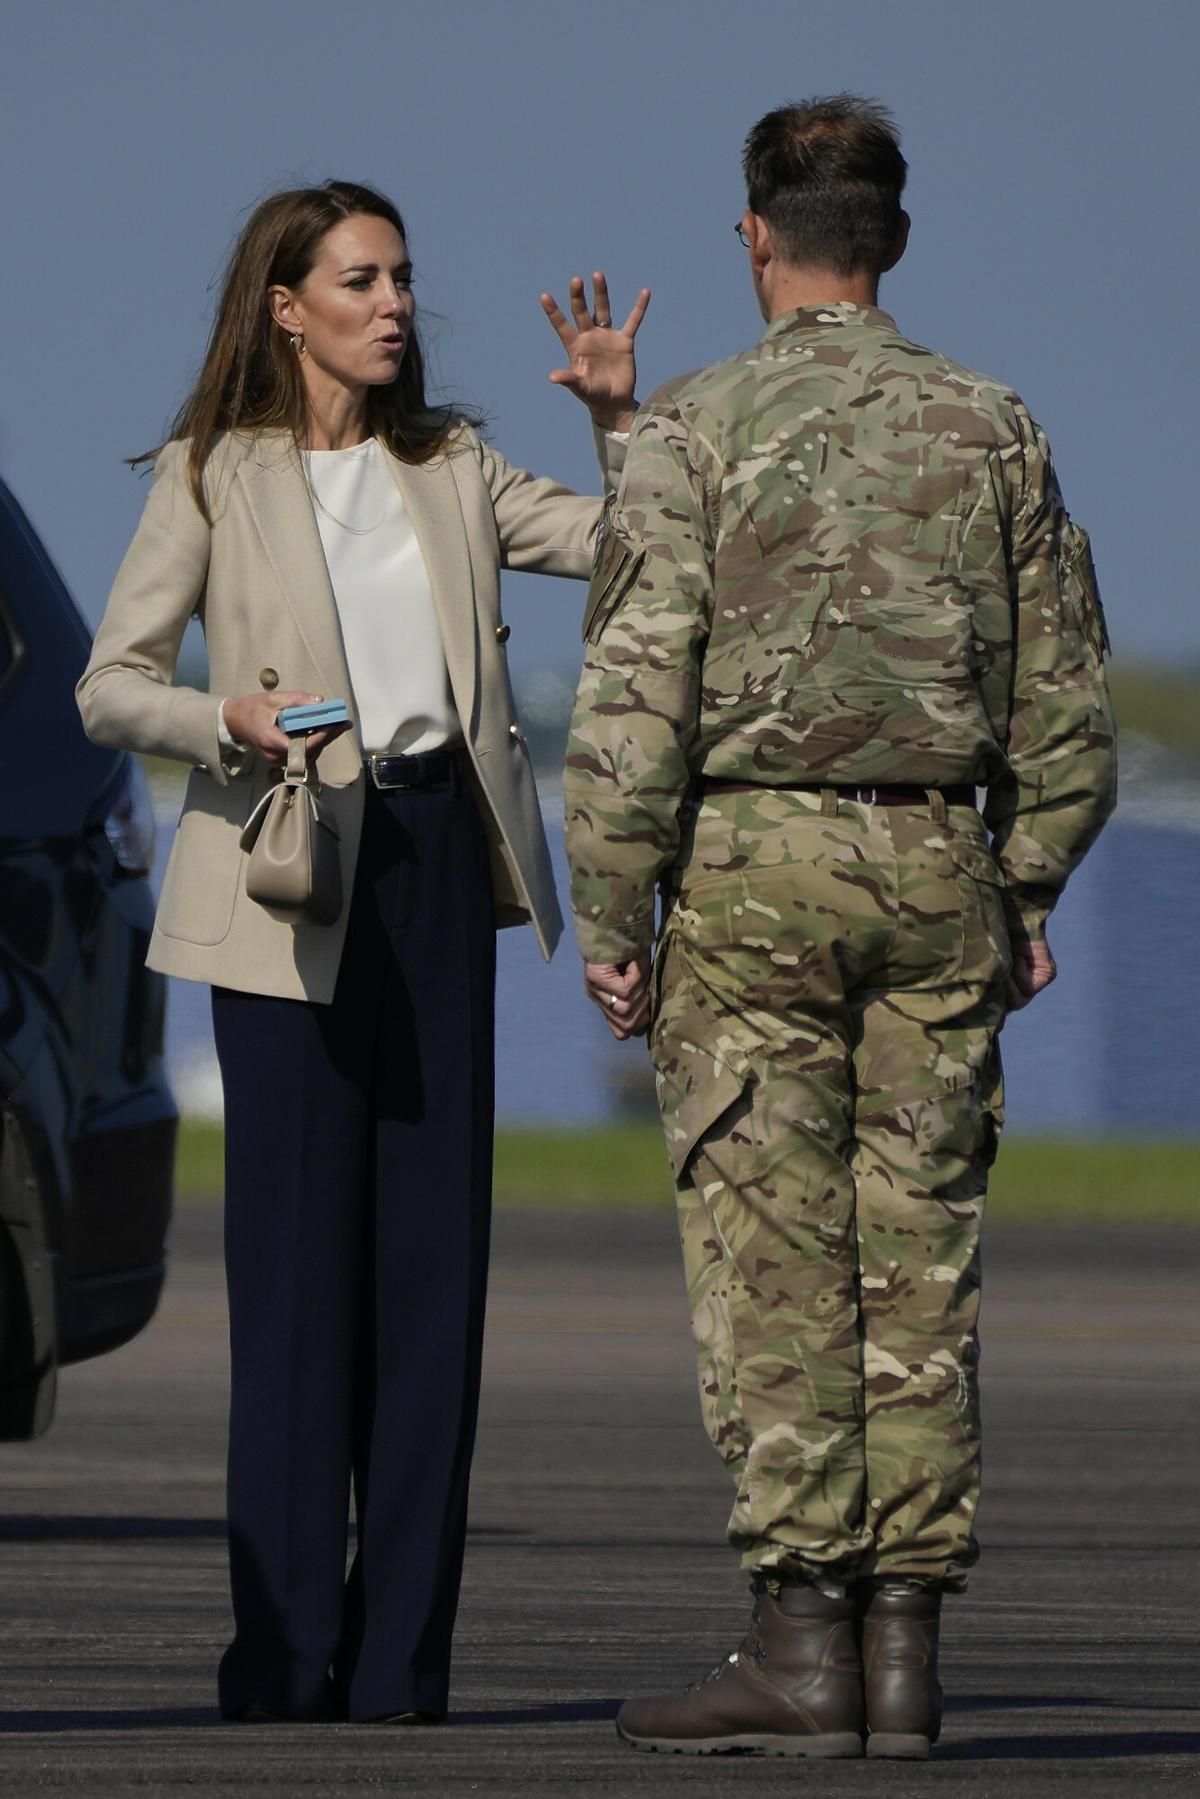 Księżna Cambridge jest w ciąży?